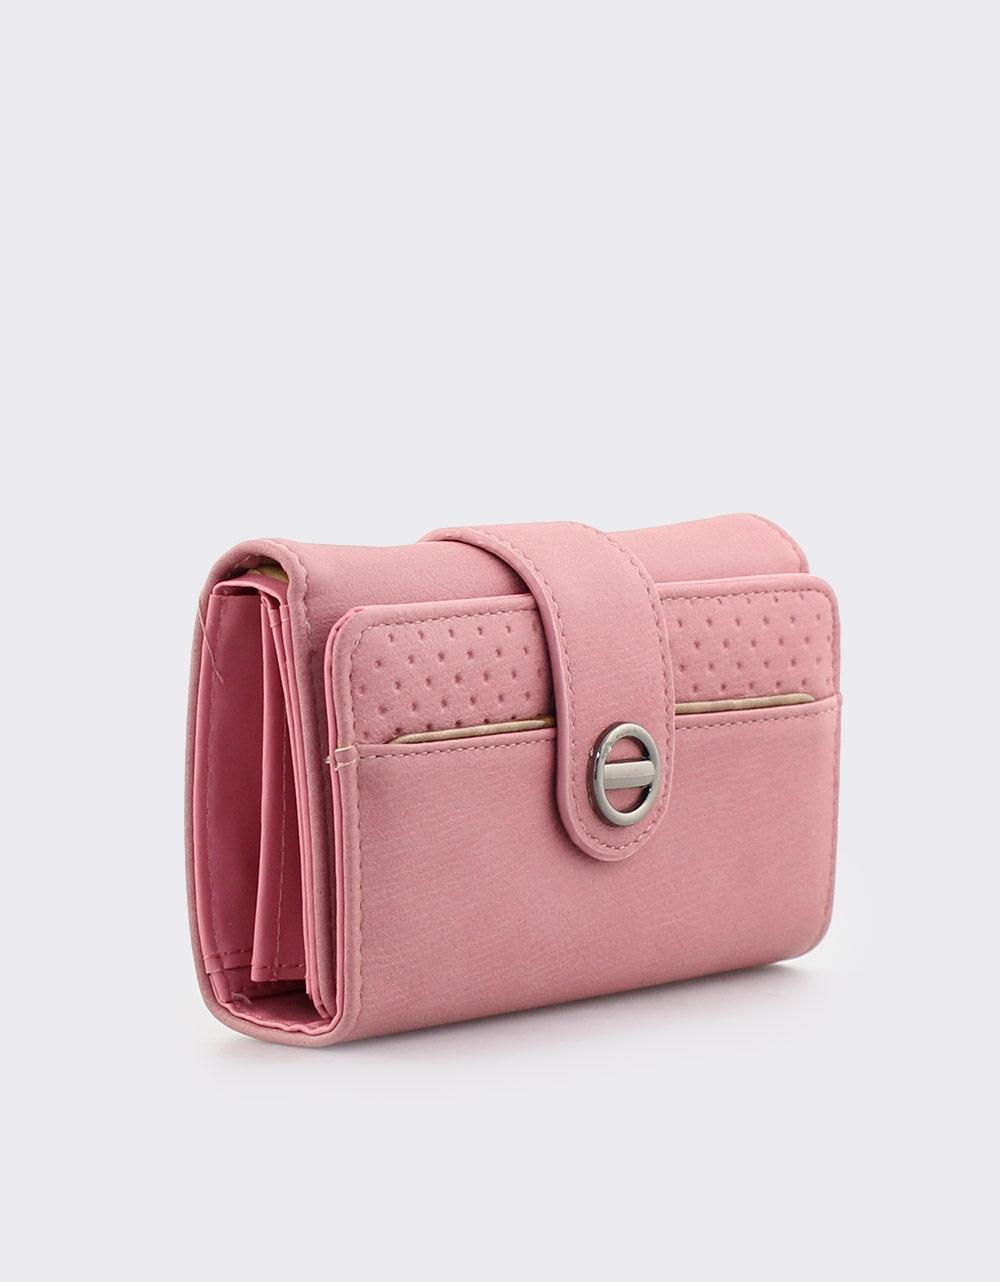 Εικόνα από Γυναικεία πορτοφόλια με κλείσιμο με λουράκι Ροζ Σκούρο